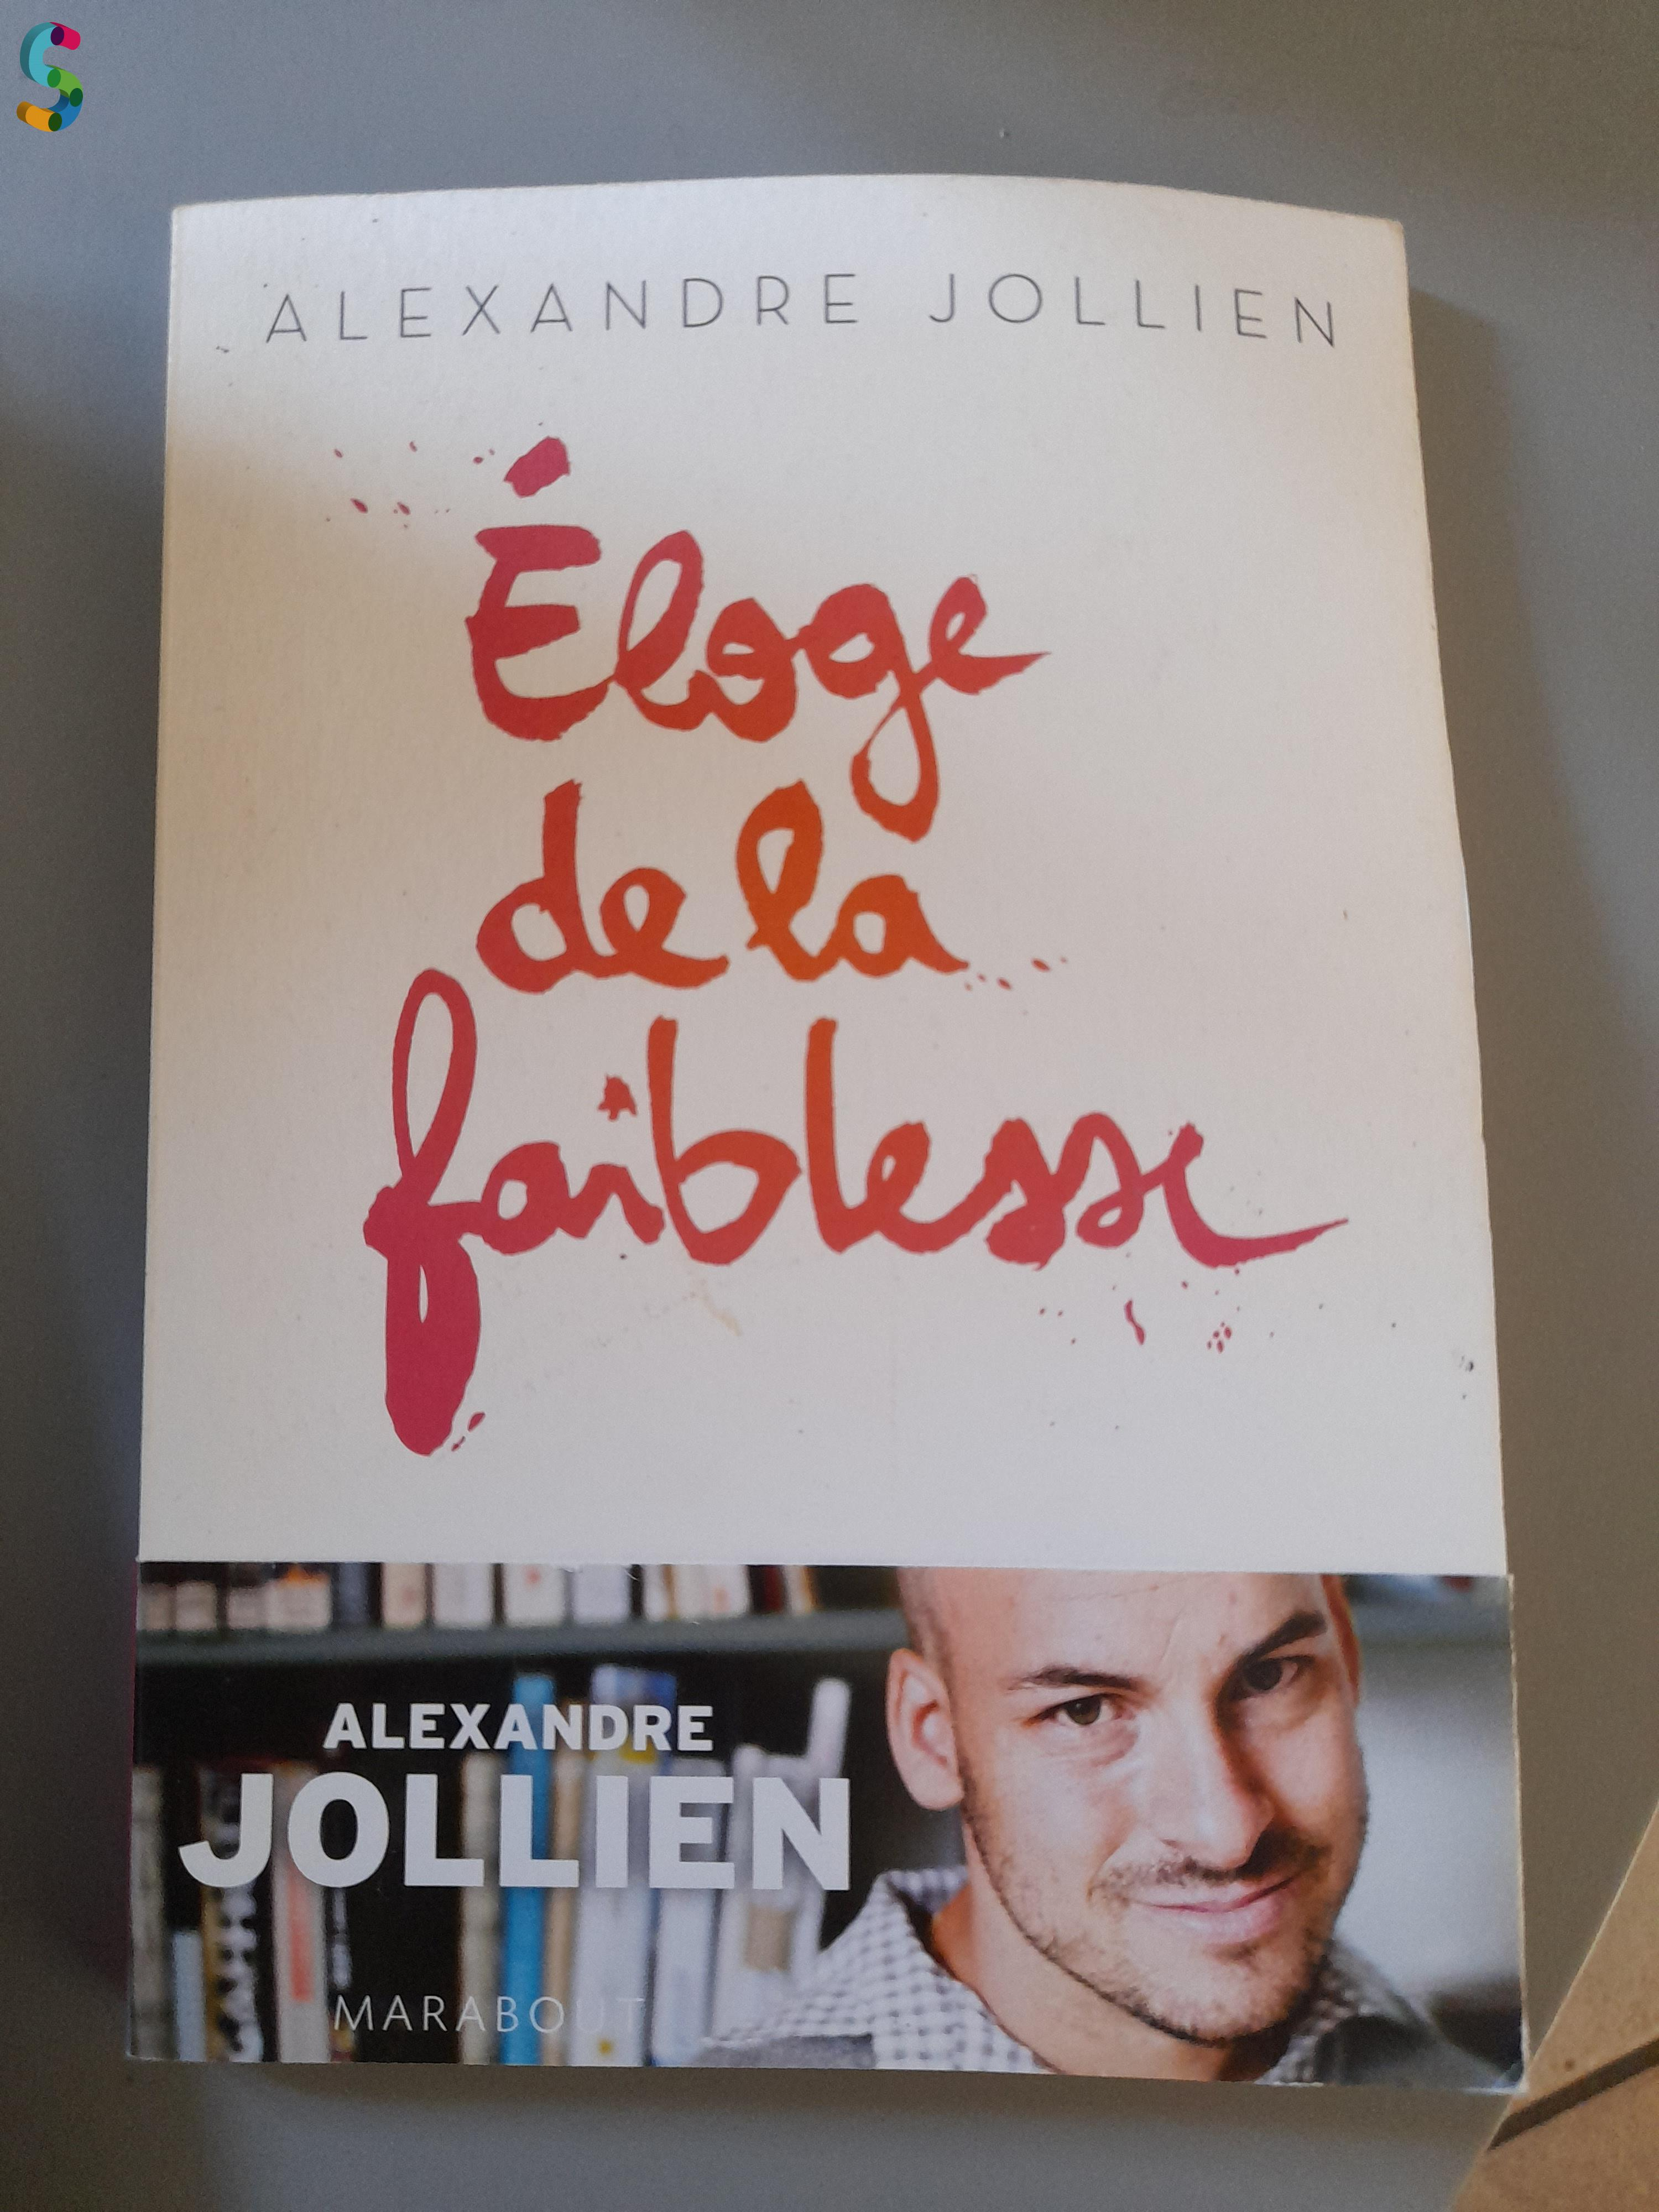 Livre Éloge de la faiblesse d'Alexandre Jollien